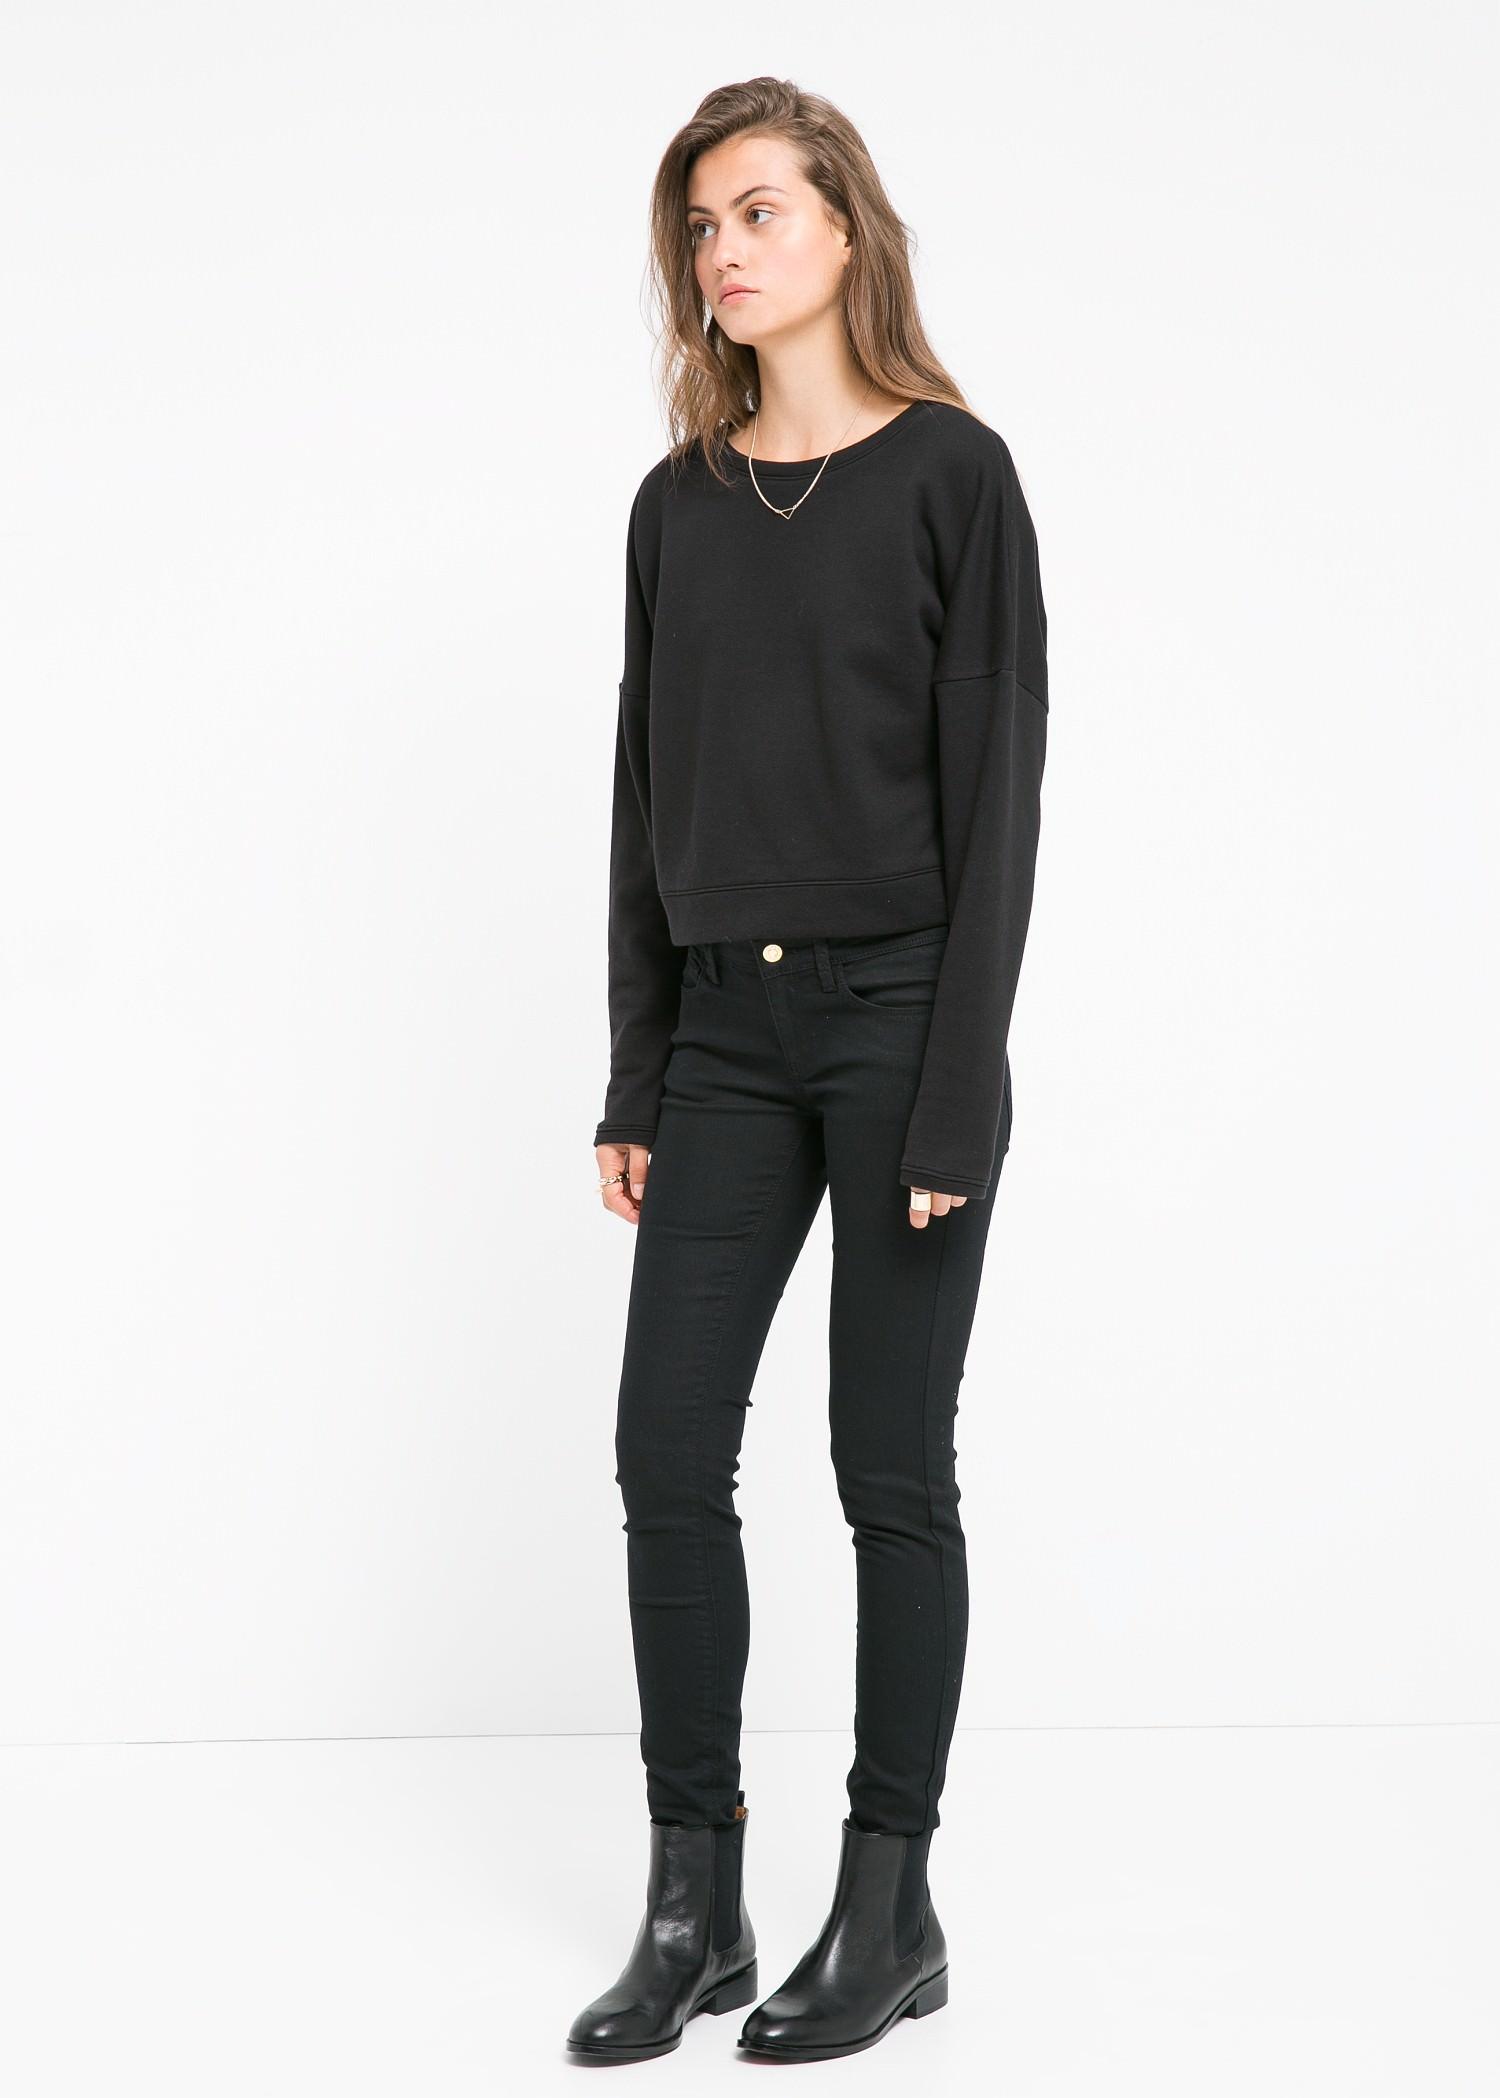 Skinny newpaty jeans - Jeans for Women   MANGO